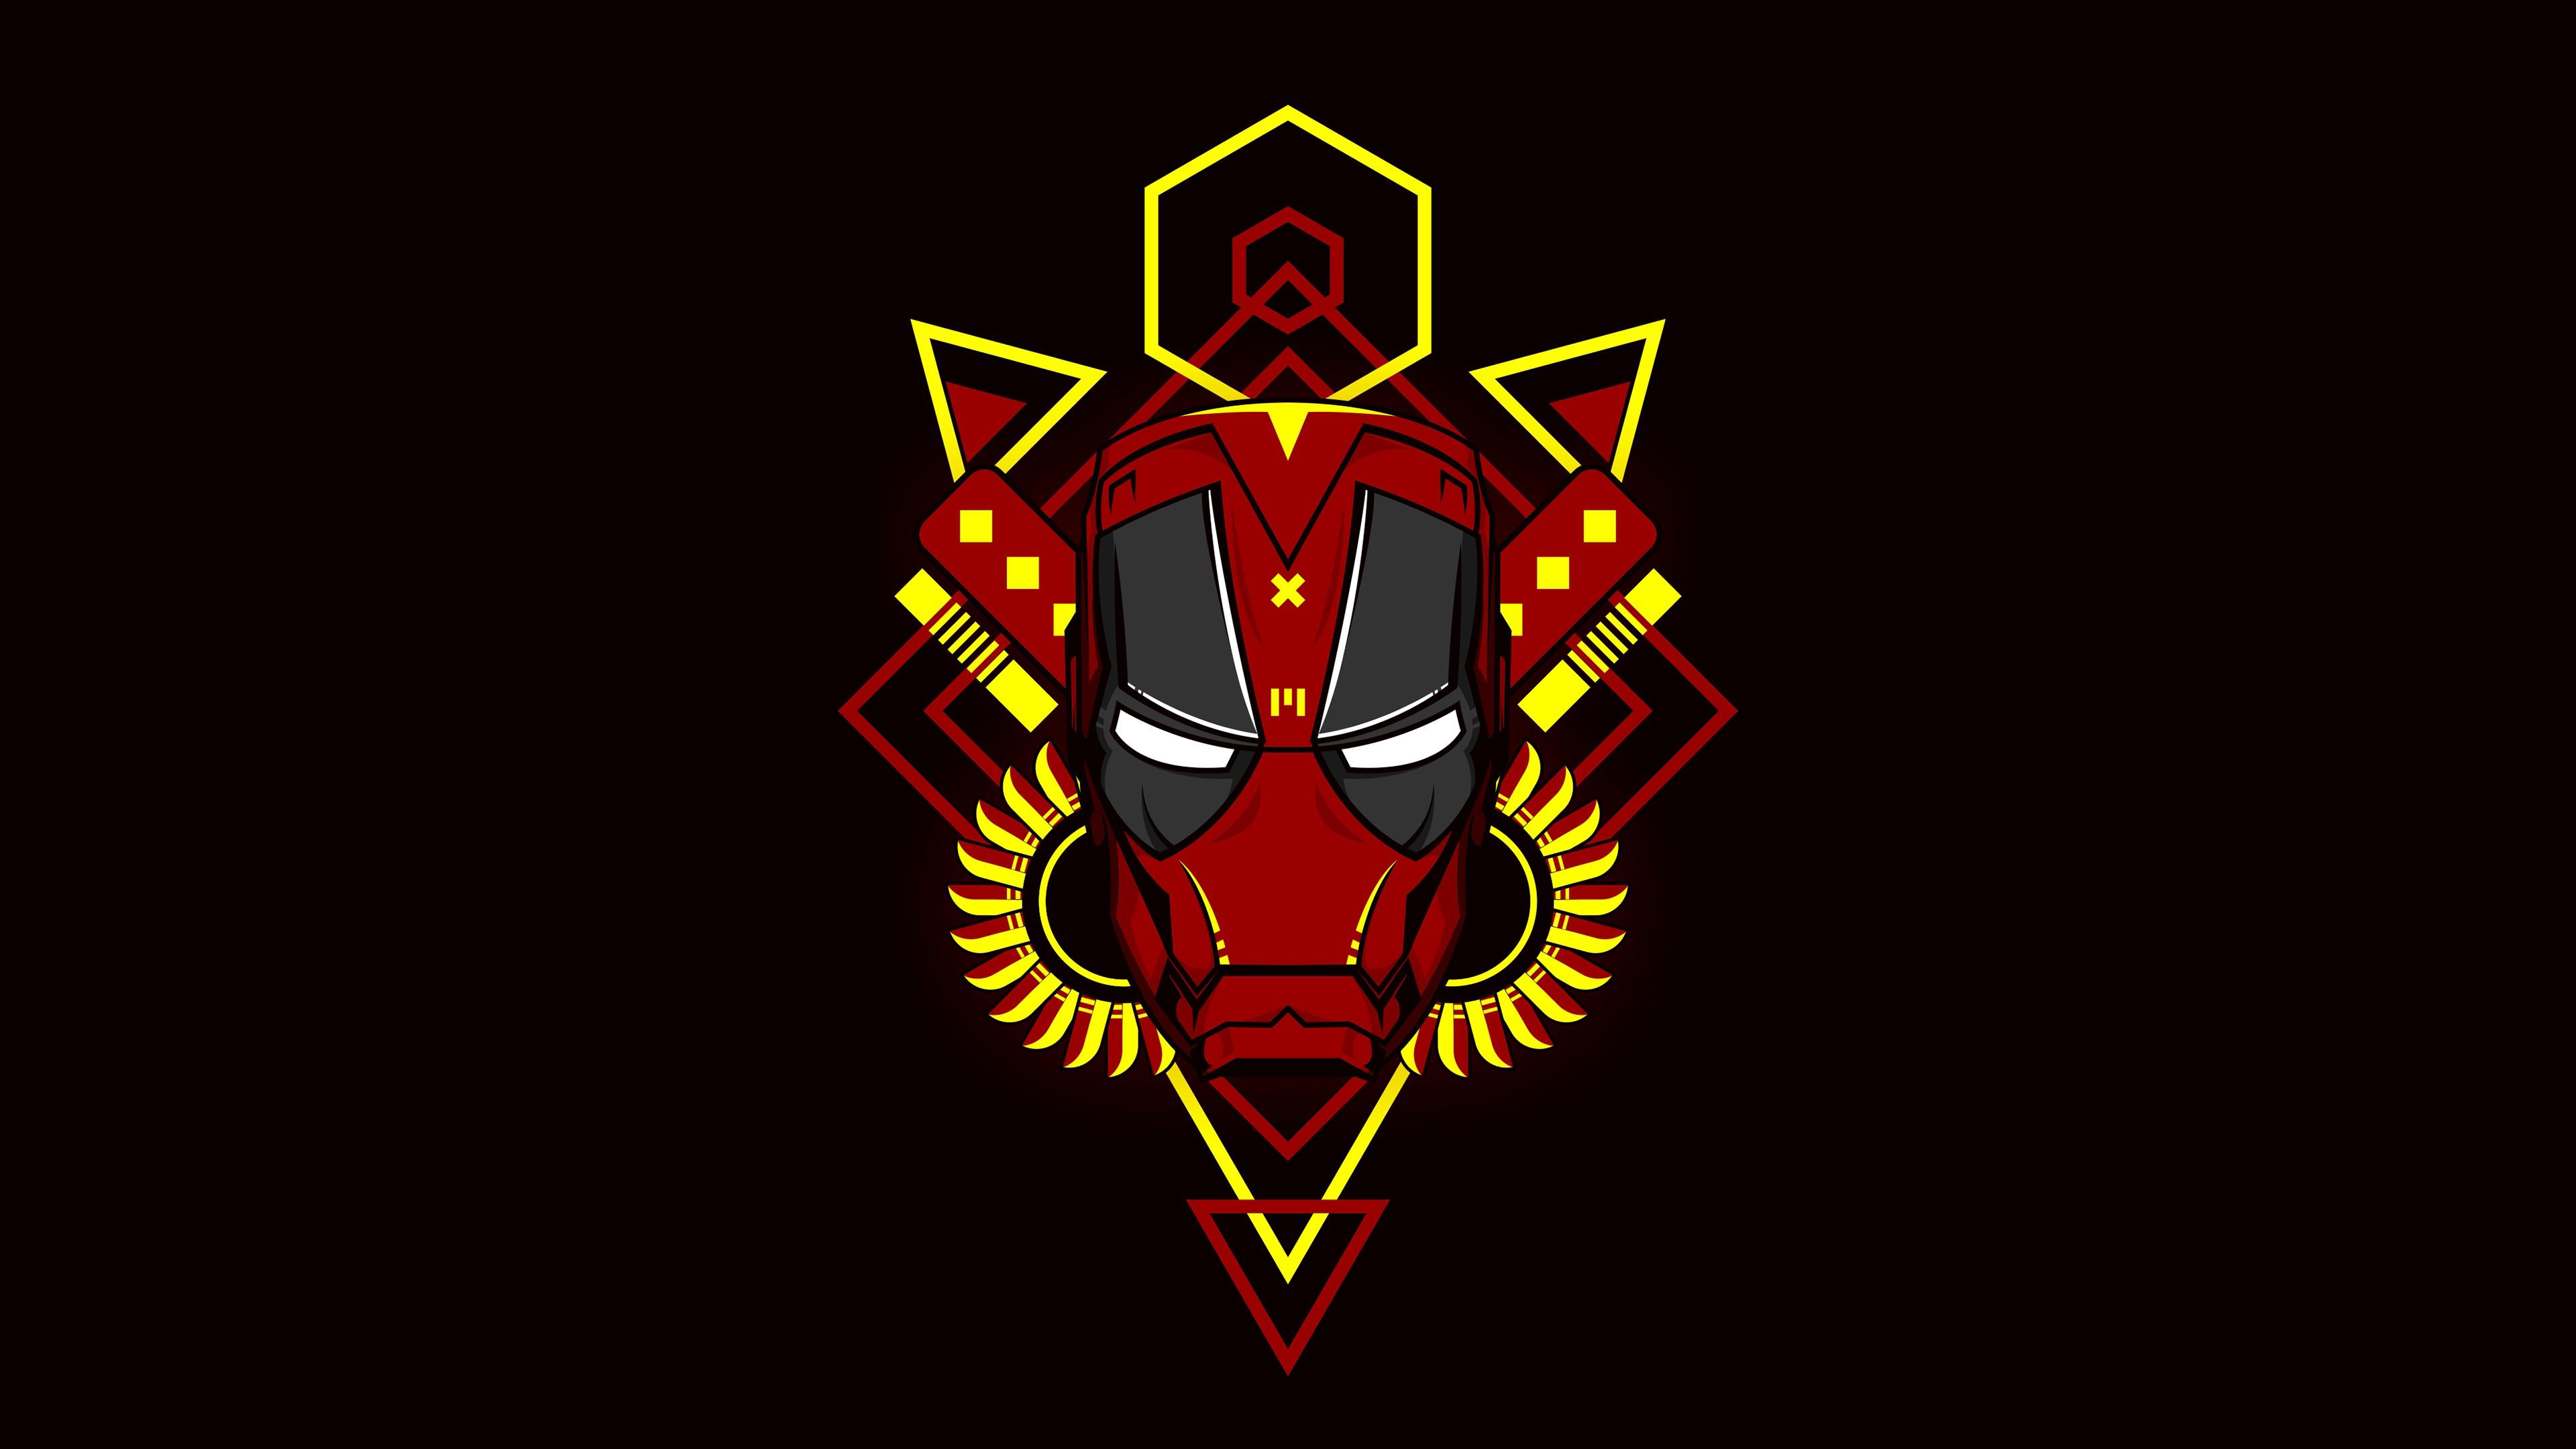 iron man deadpool version 4k 1553071890 - Iron Man Deadpool Version 4k - superheroes wallpapers, iron man wallpapers, hd-wallpapers, digital art wallpapers, behance wallpapers, artwork wallpapers, 4k-wallpapers